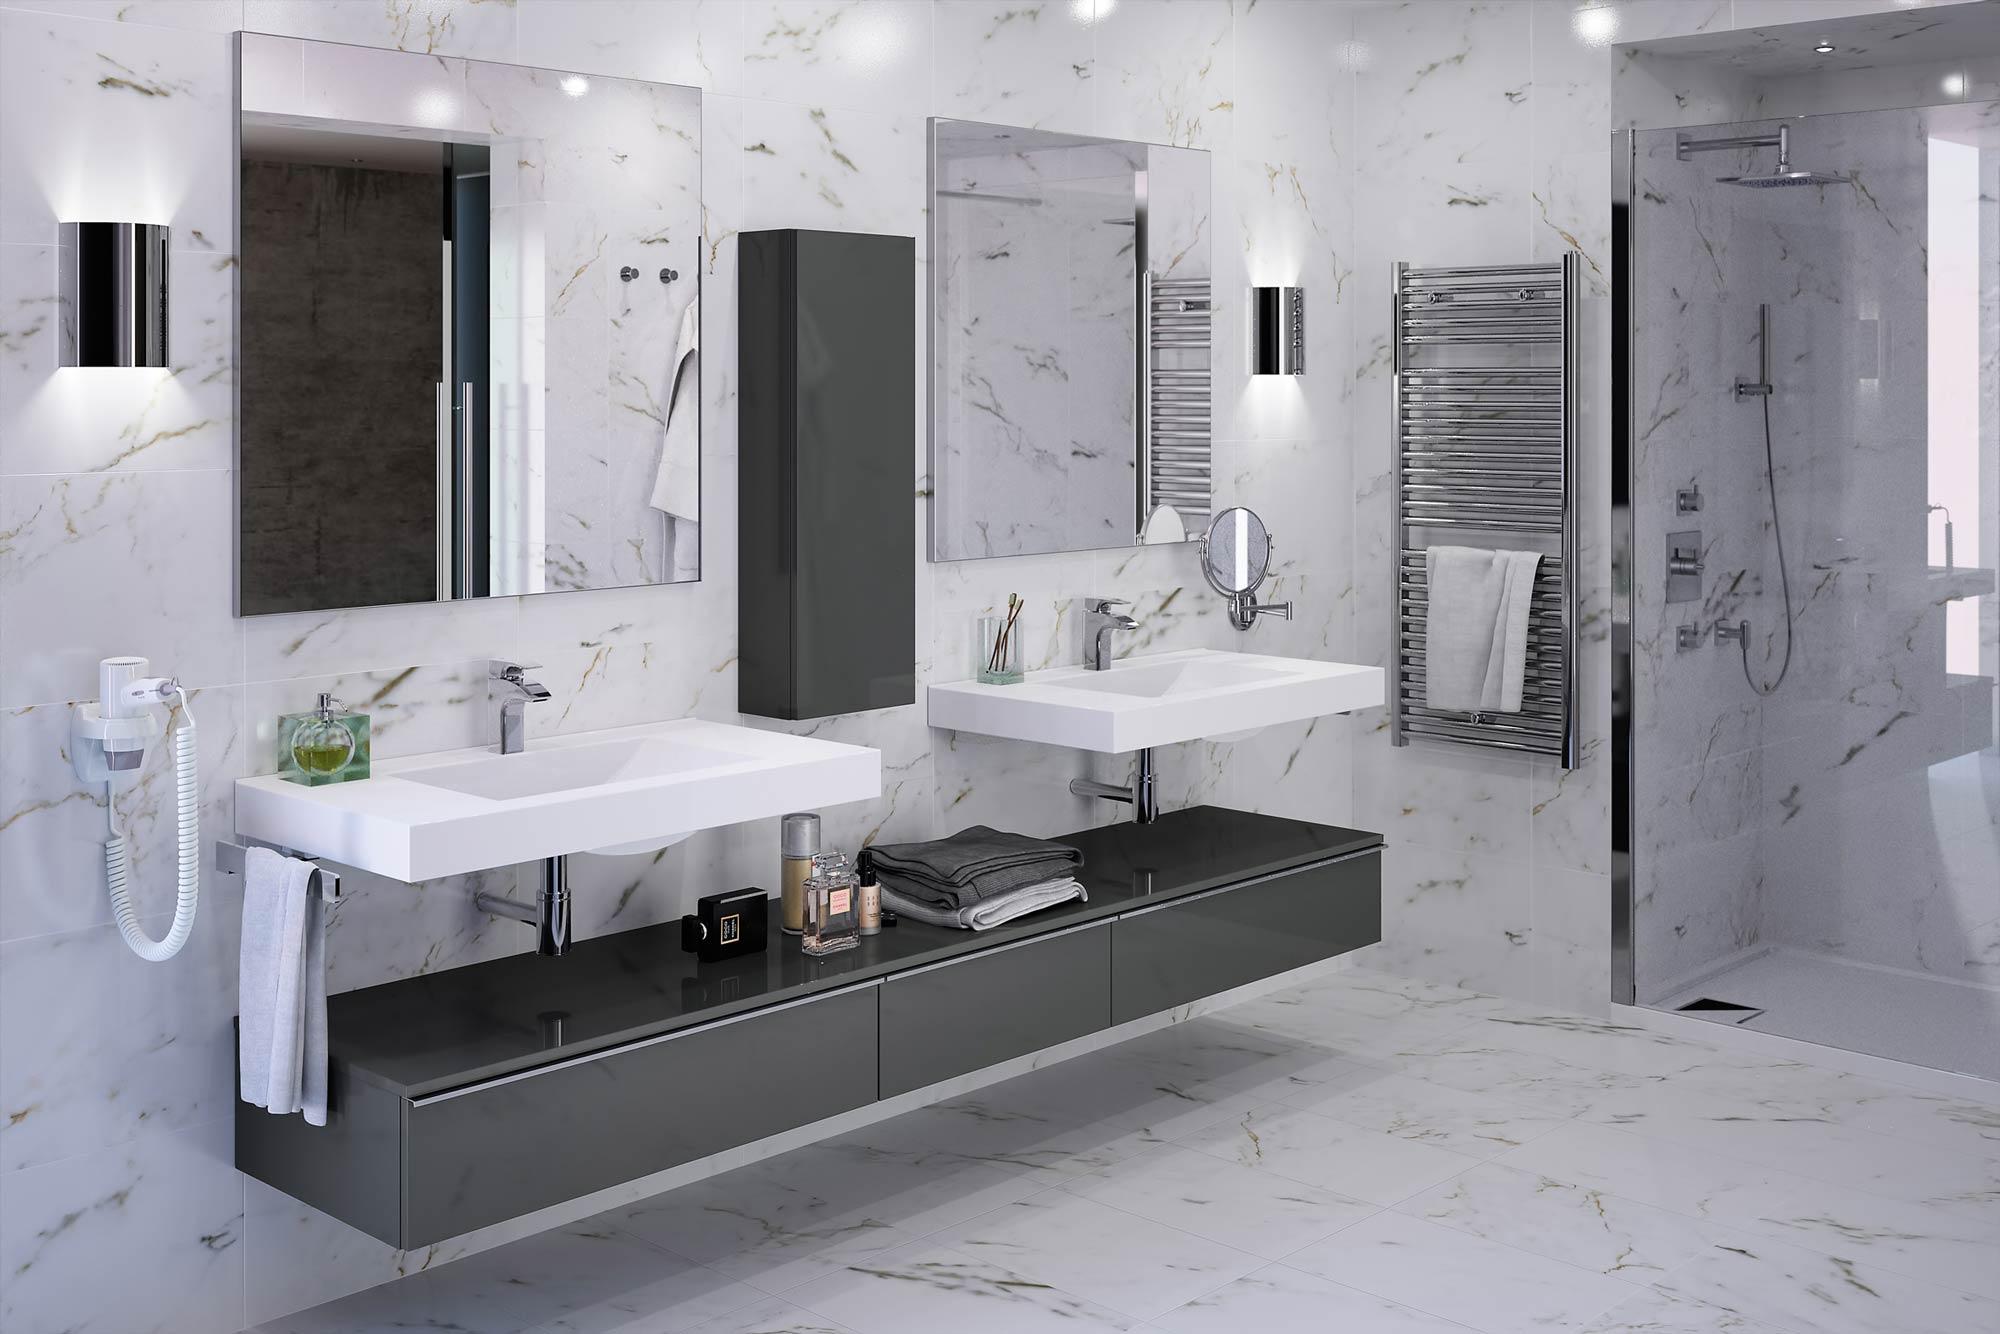 Extenso lmcs la maison du carrelage balma toulouse - Showroom salle de bain toulouse ...